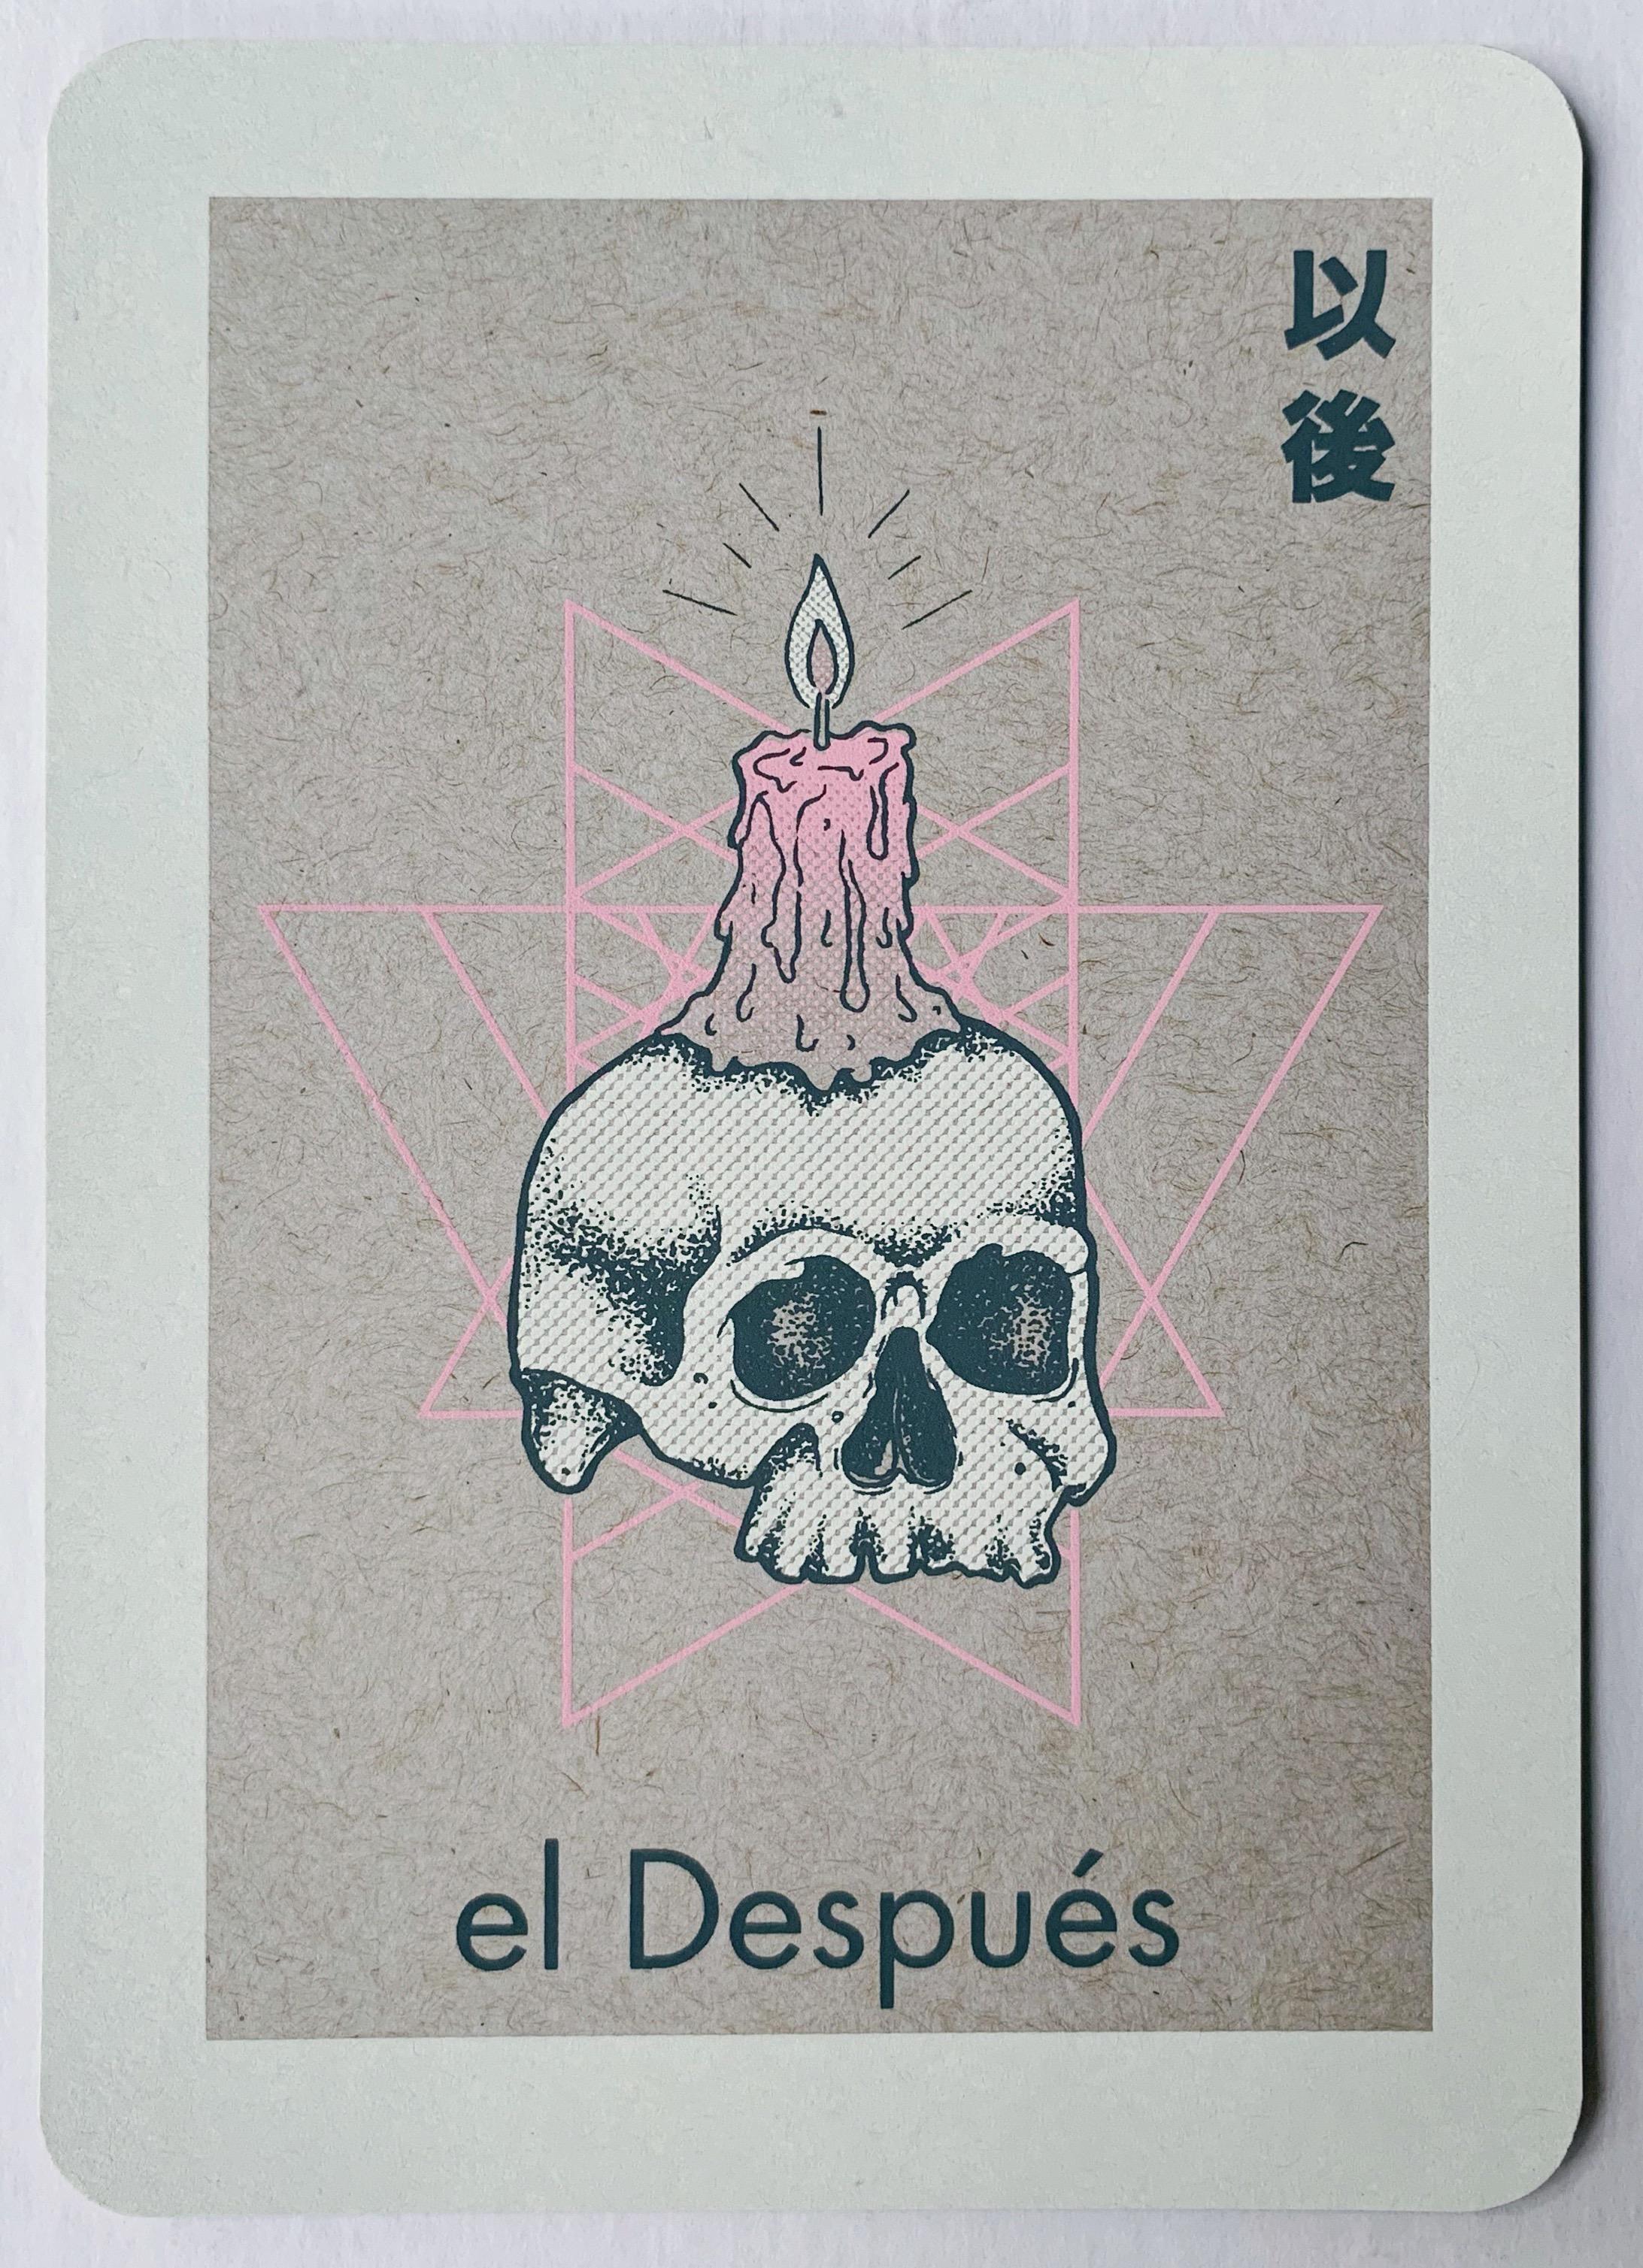 el Después, serigraphy, 2018